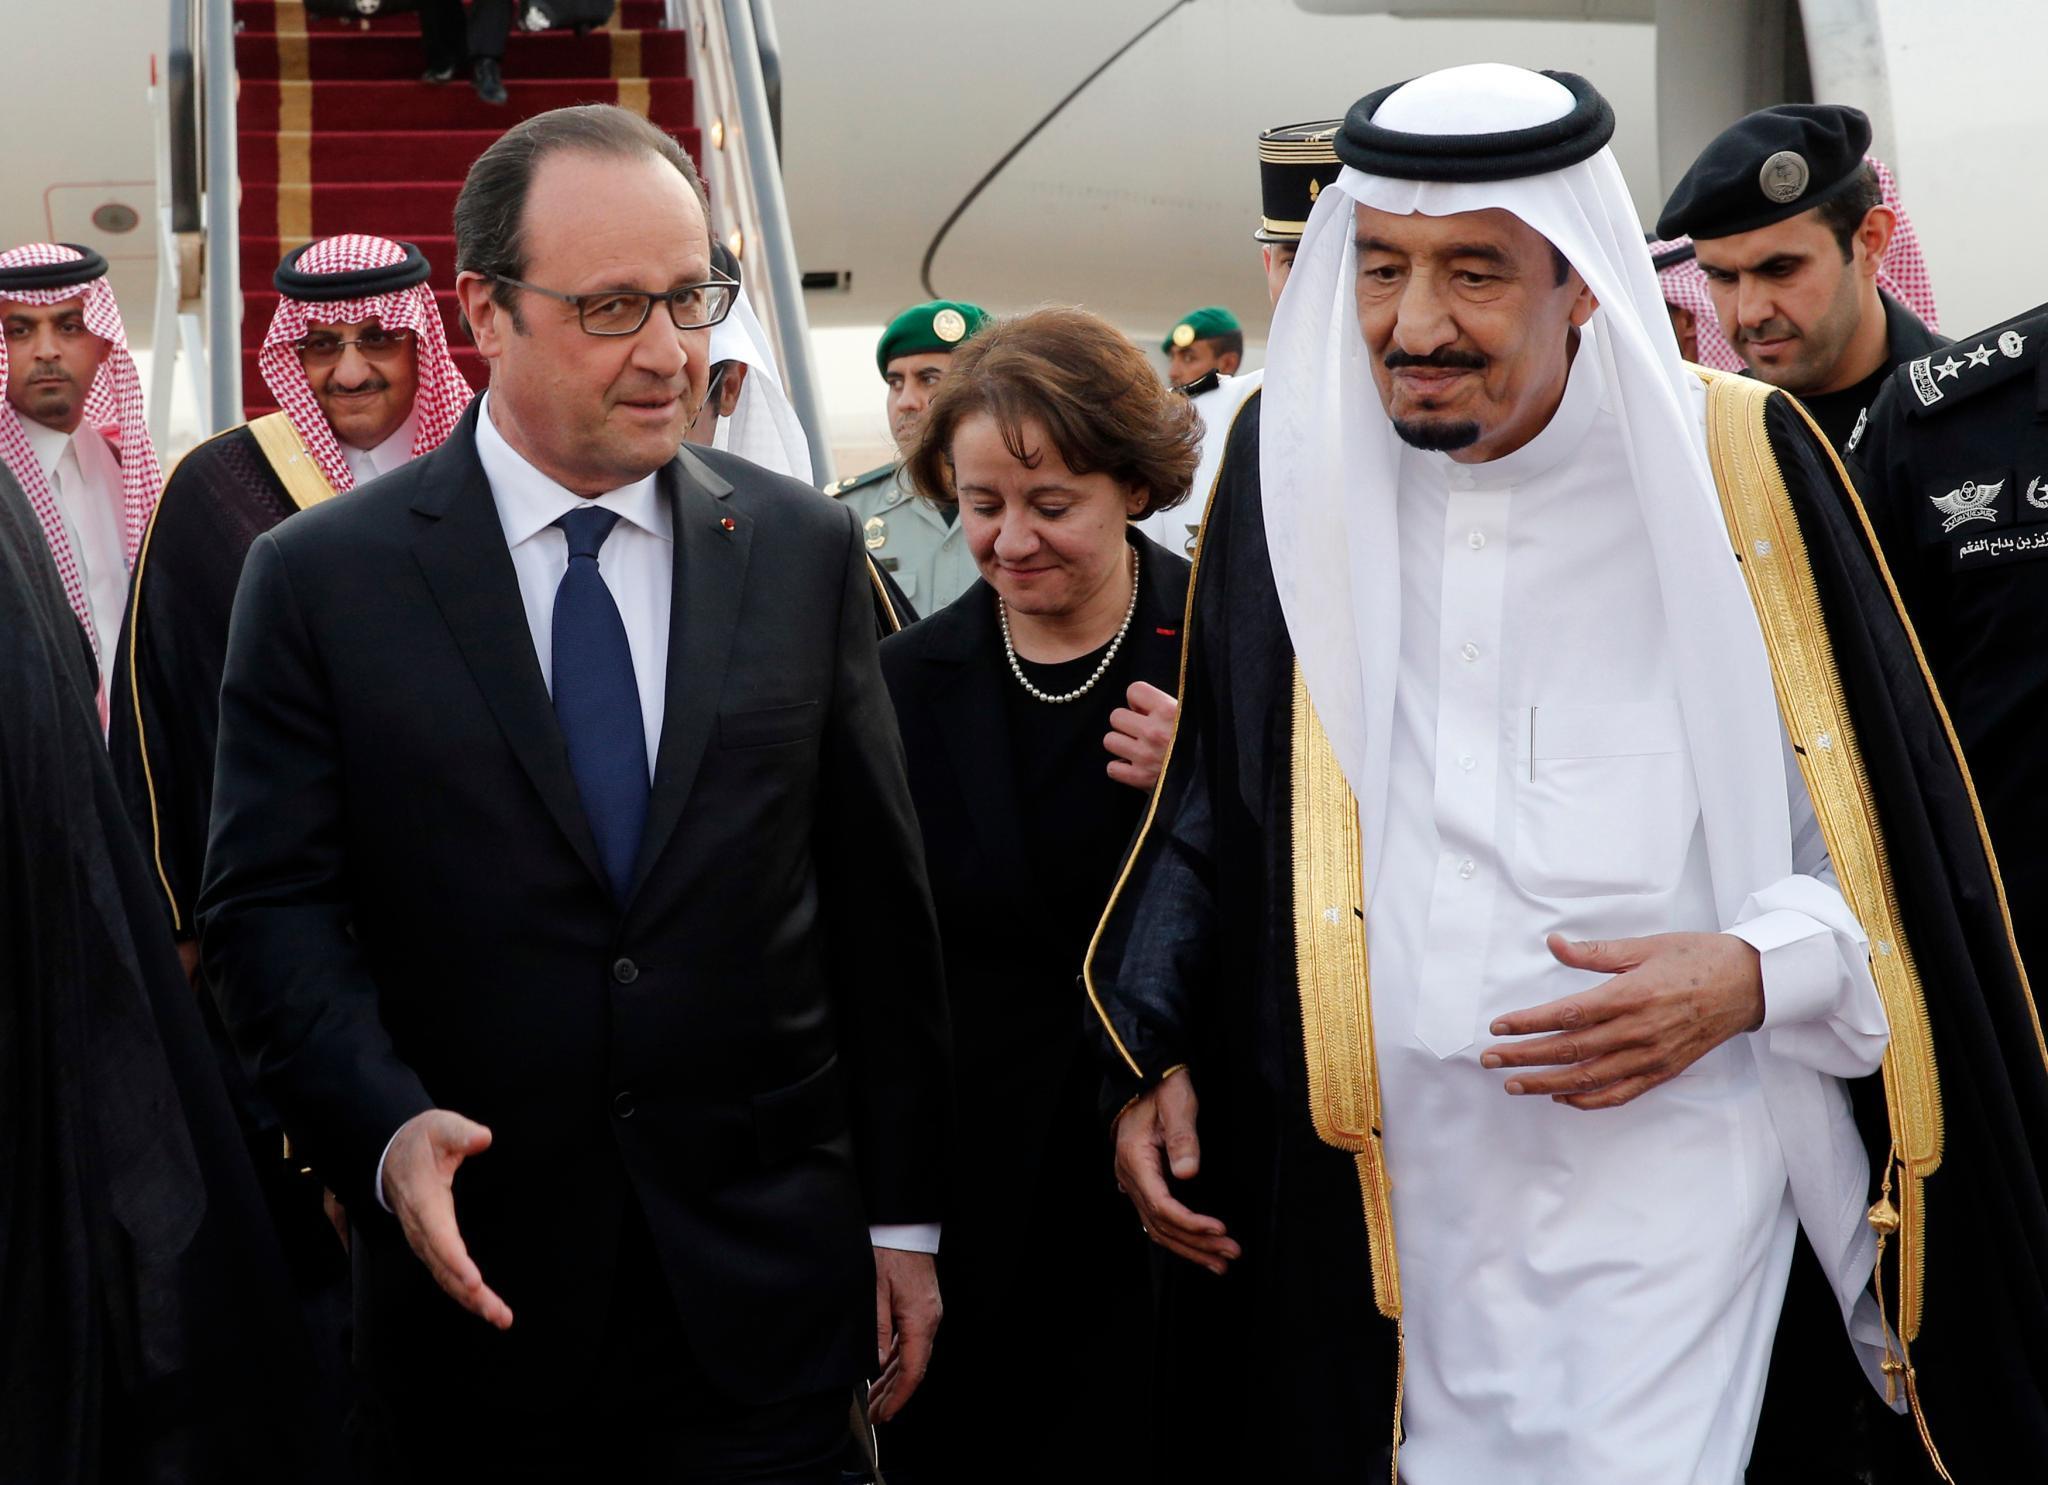 Erst im Mai 2015 begrüßte König Salman den französischen Präsidenten Francois Hollande in Riyadh. Über die französischen Strände haben sie dort vielleicht auch gesprochen.